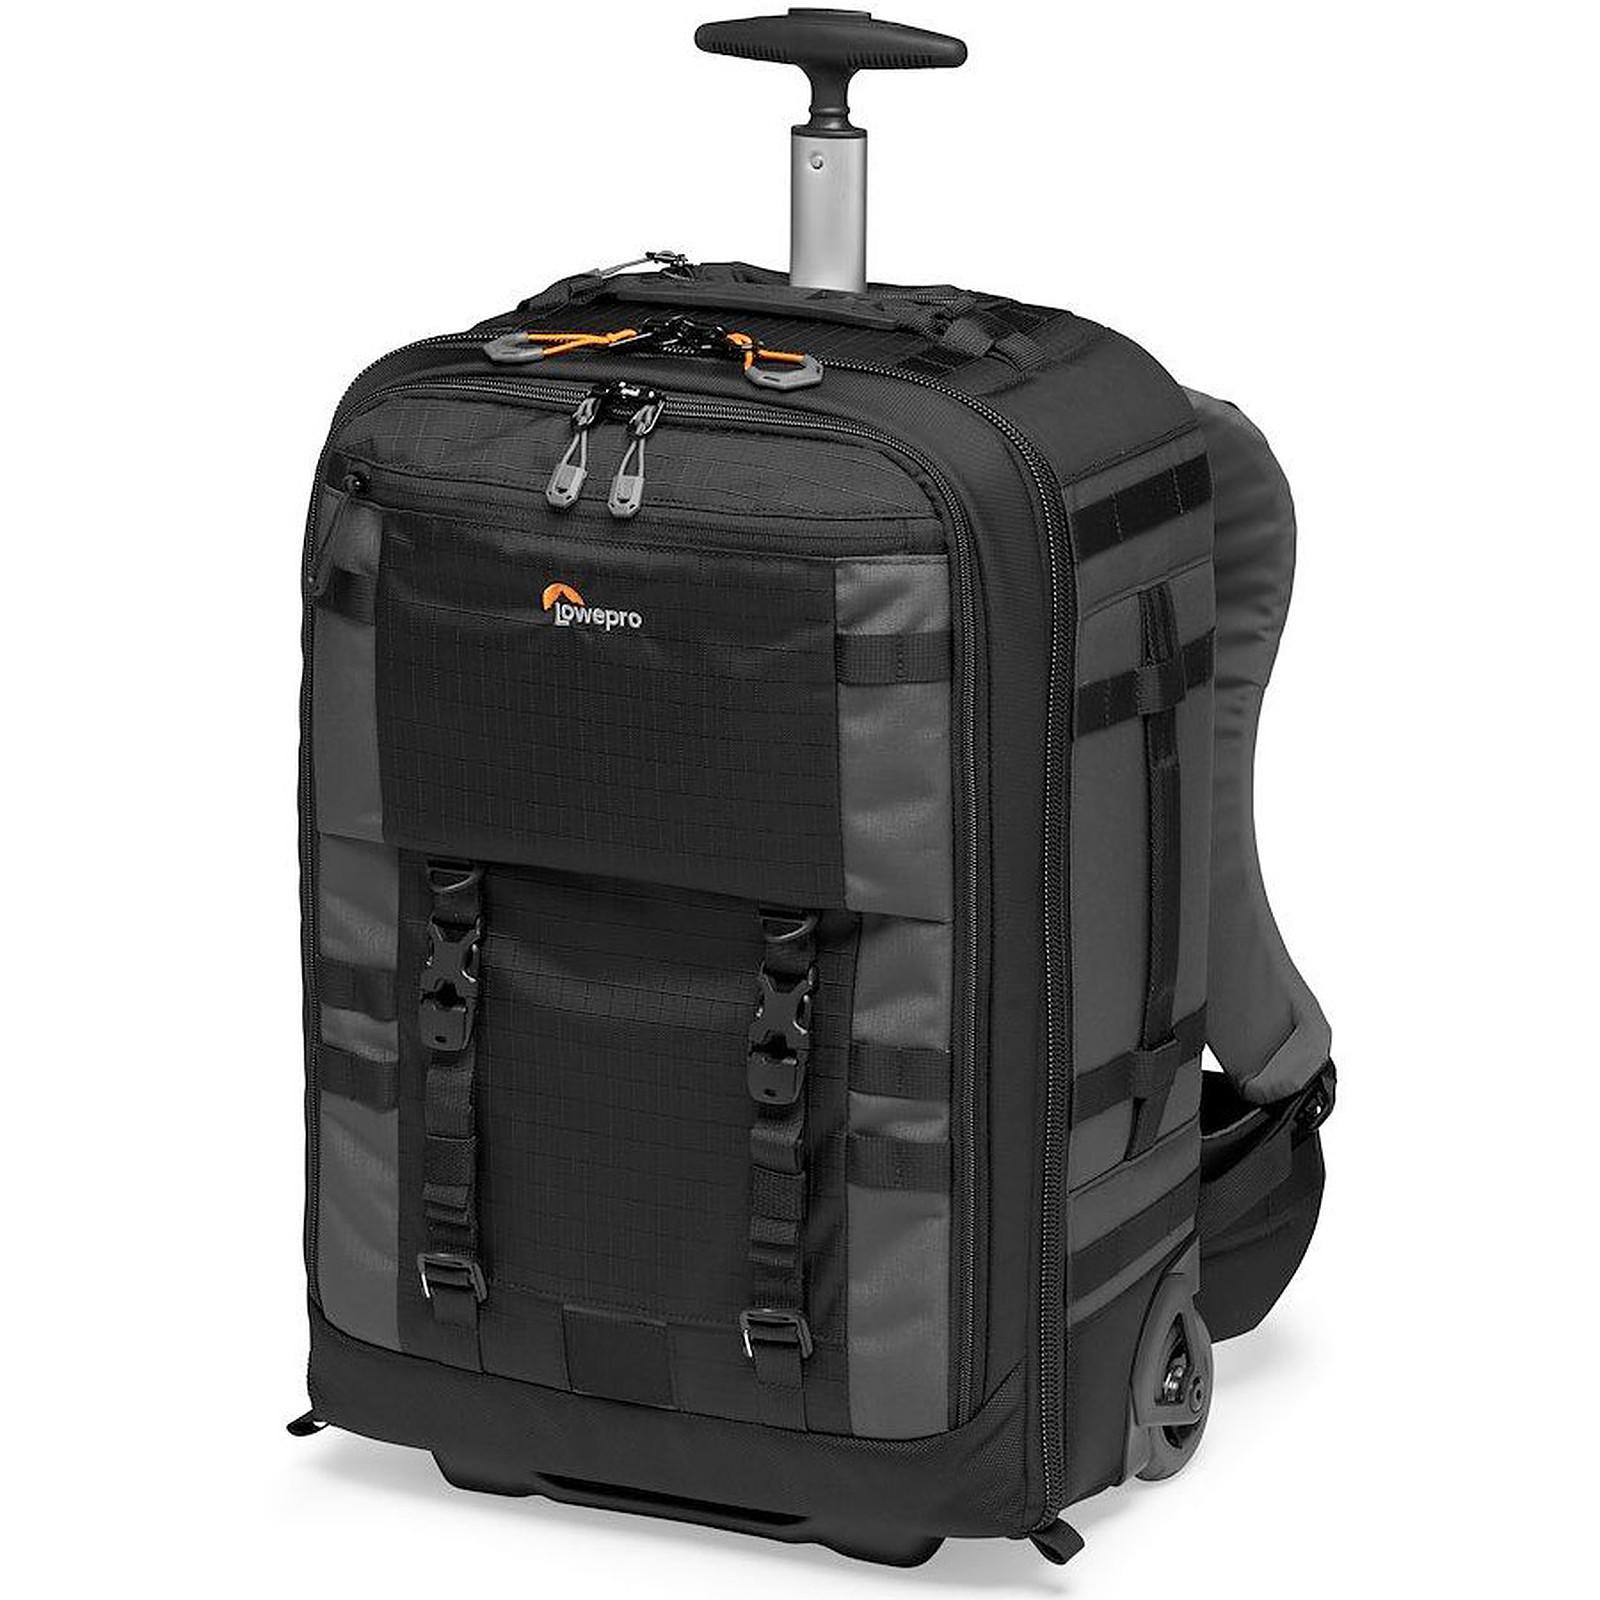 Lowepro Pro Trekker RLX 450 AW II Gris